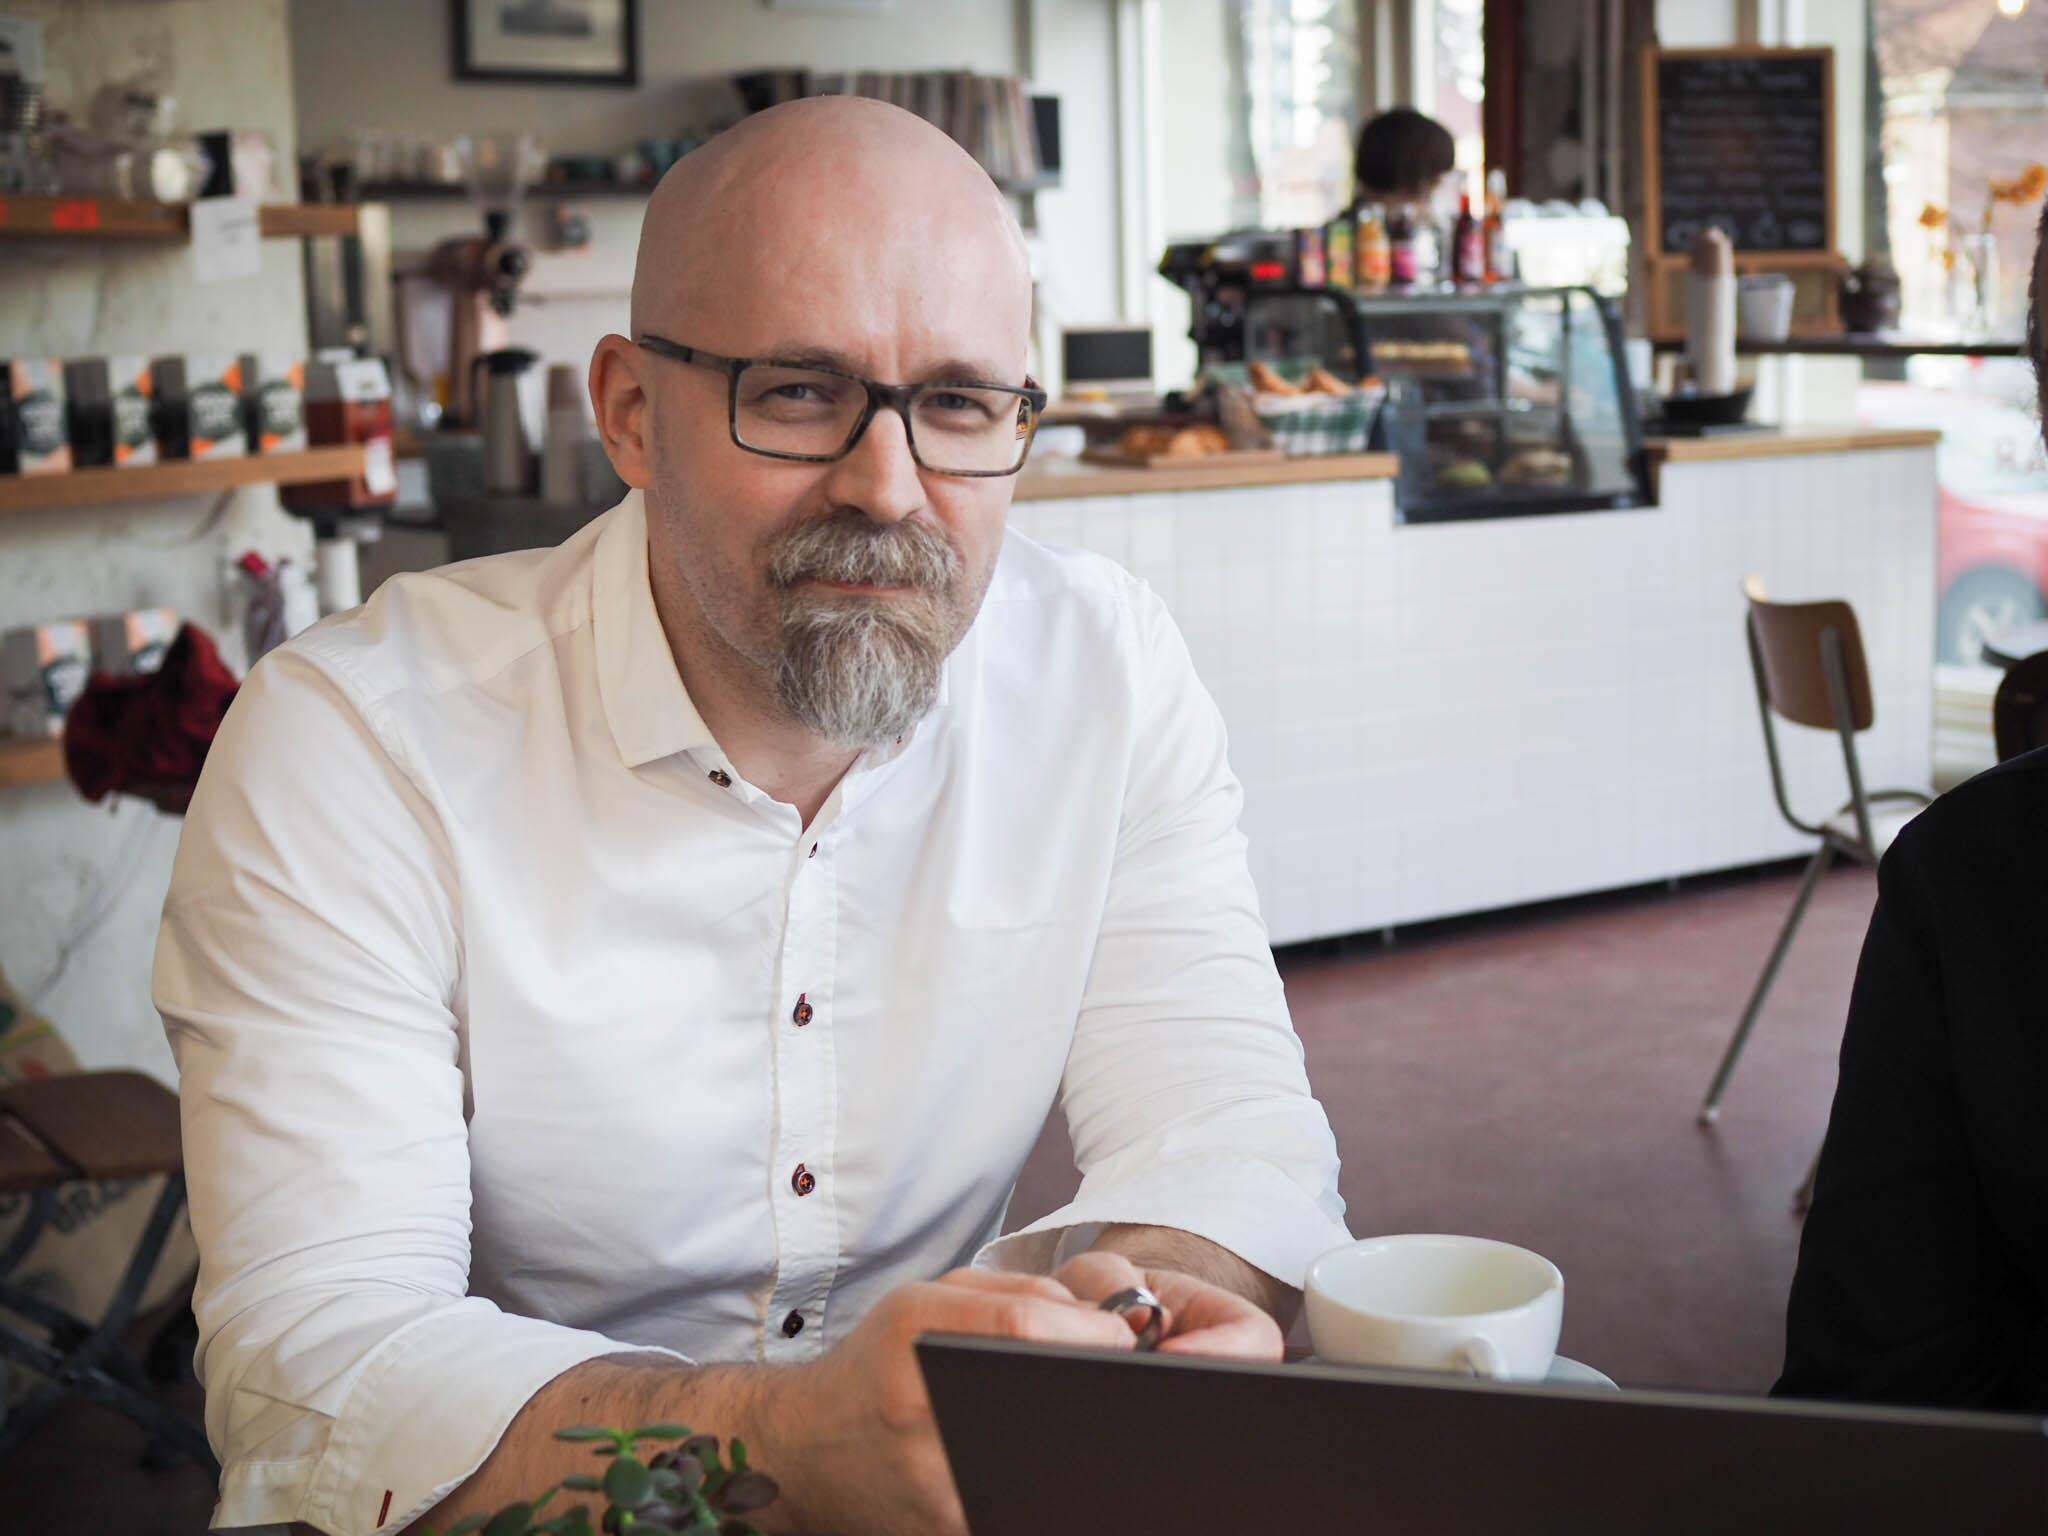 Oura designer Kari Kivelä